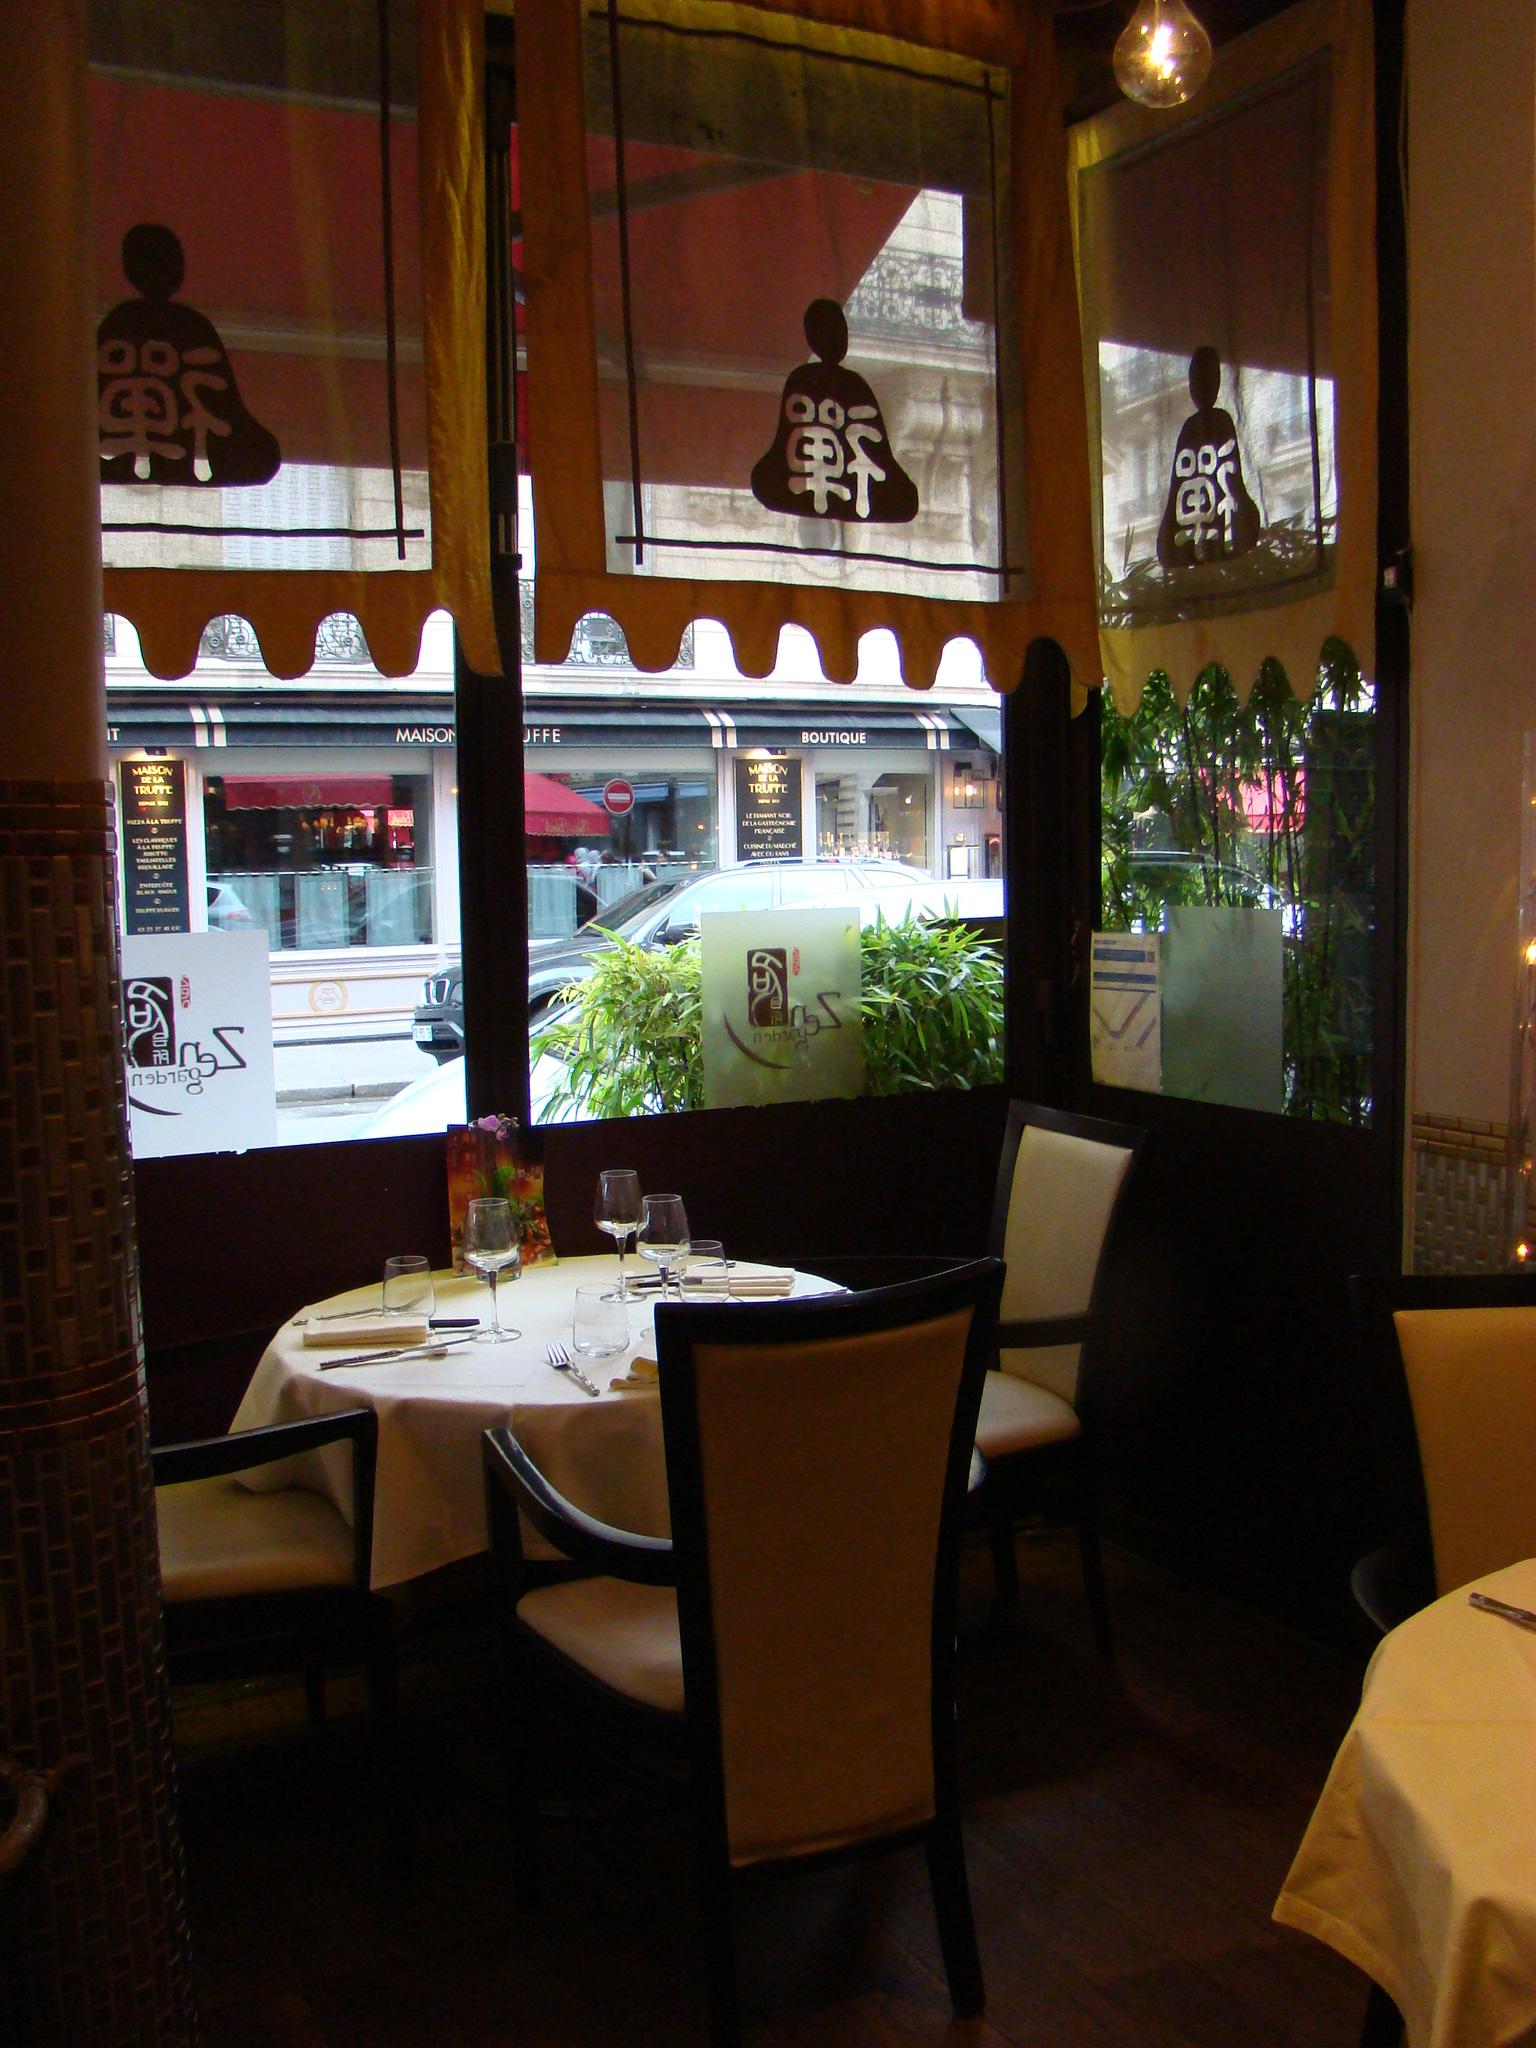 Restaurant zen garden paris dr melle bon plan for Restaurant avec patio paris